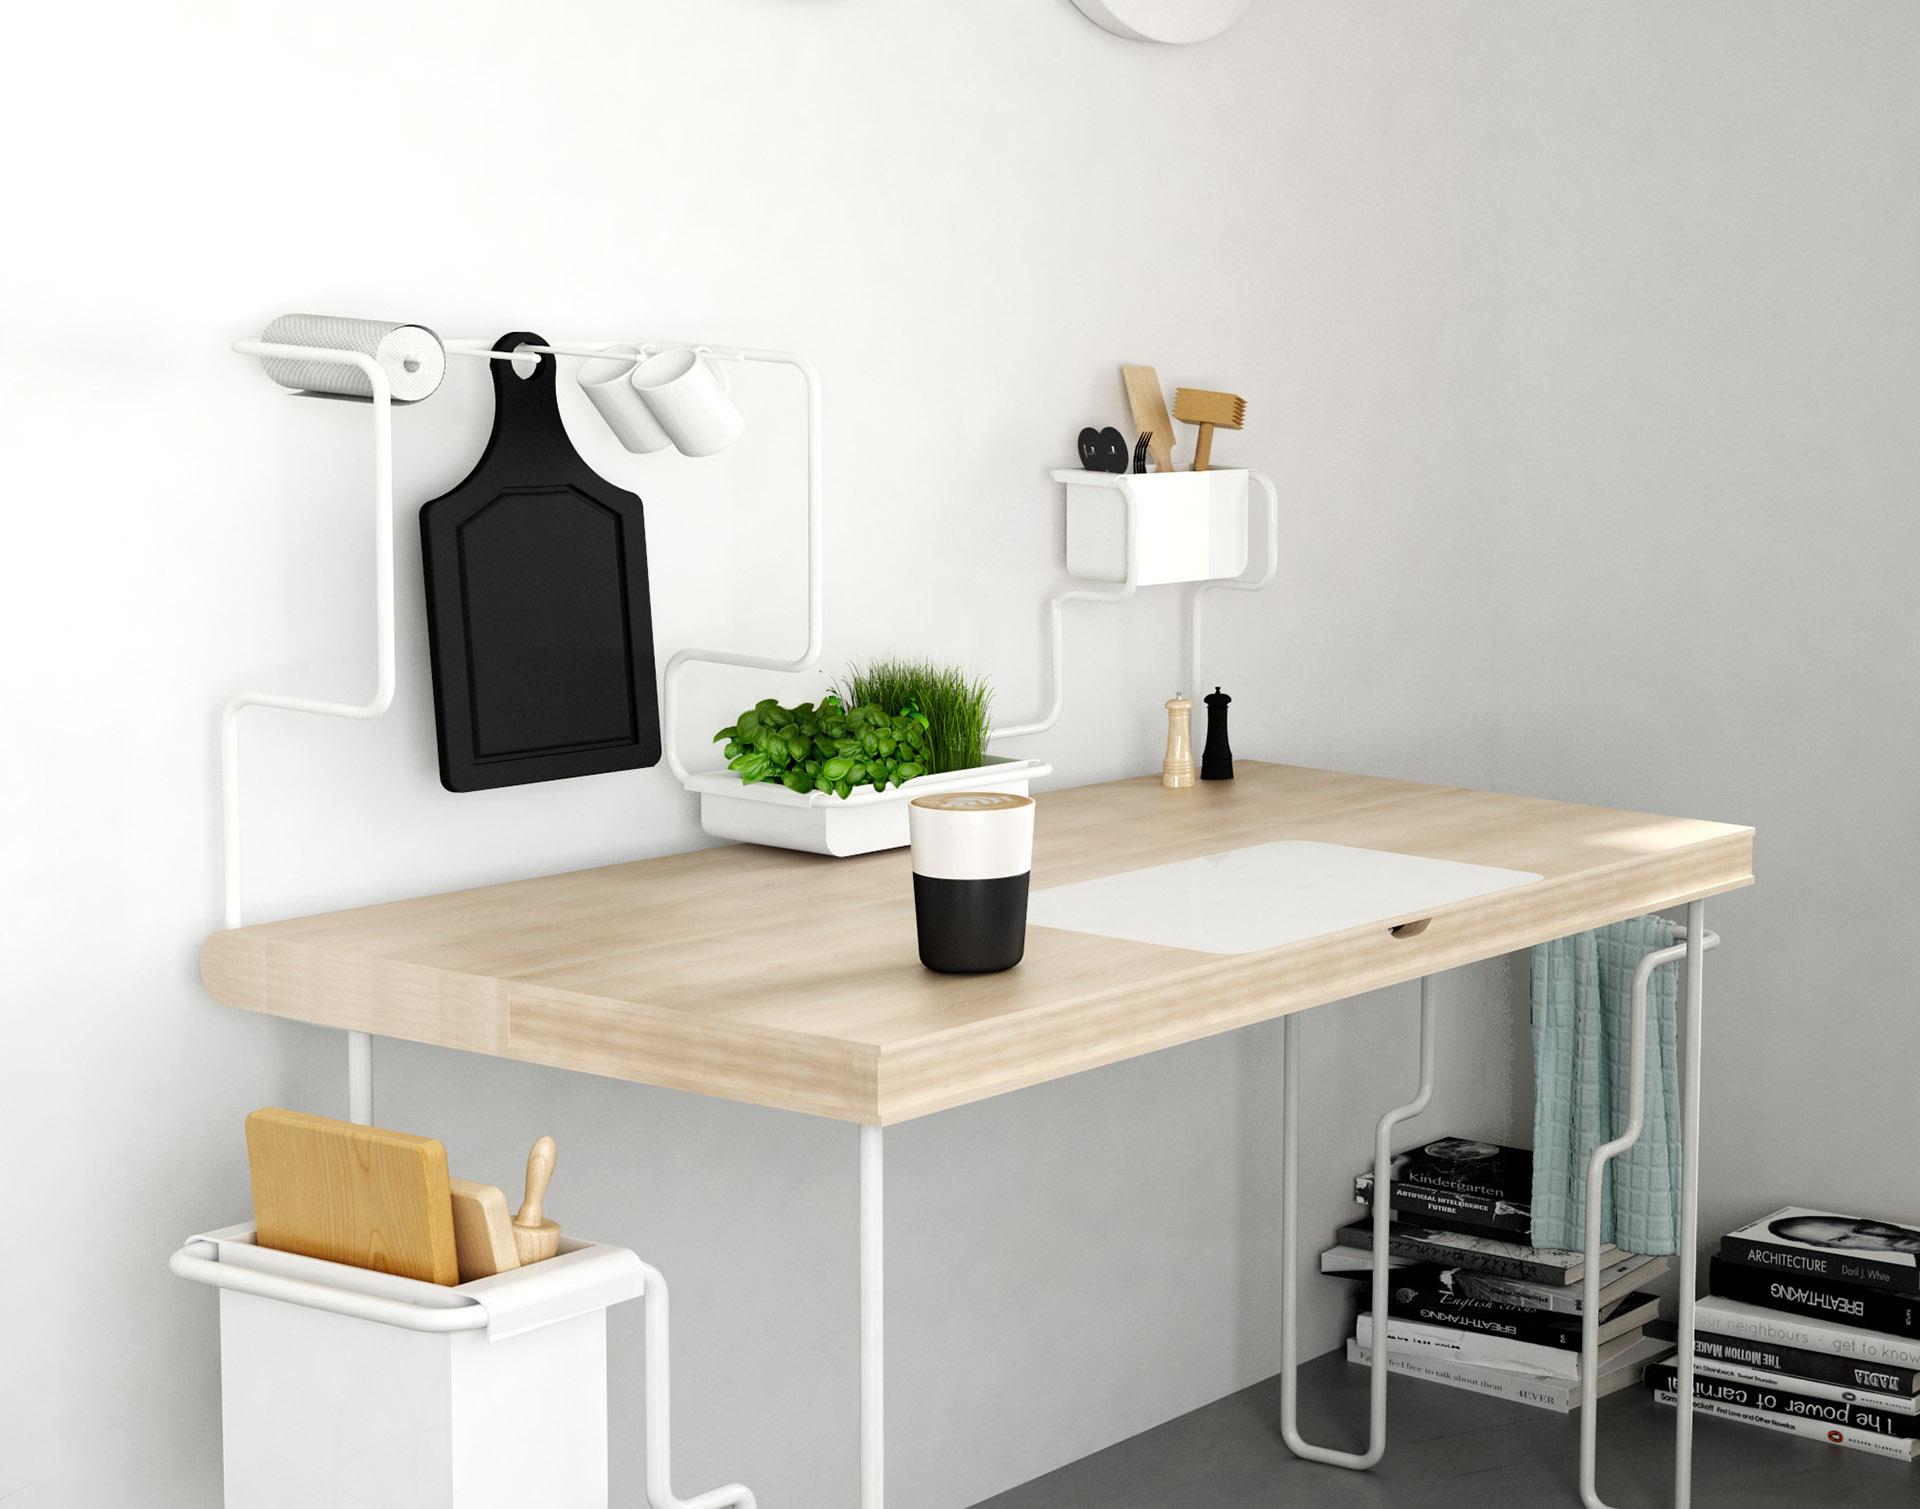 Le tube blanc compose une table multifonctions avec un plan de travail en bois blond